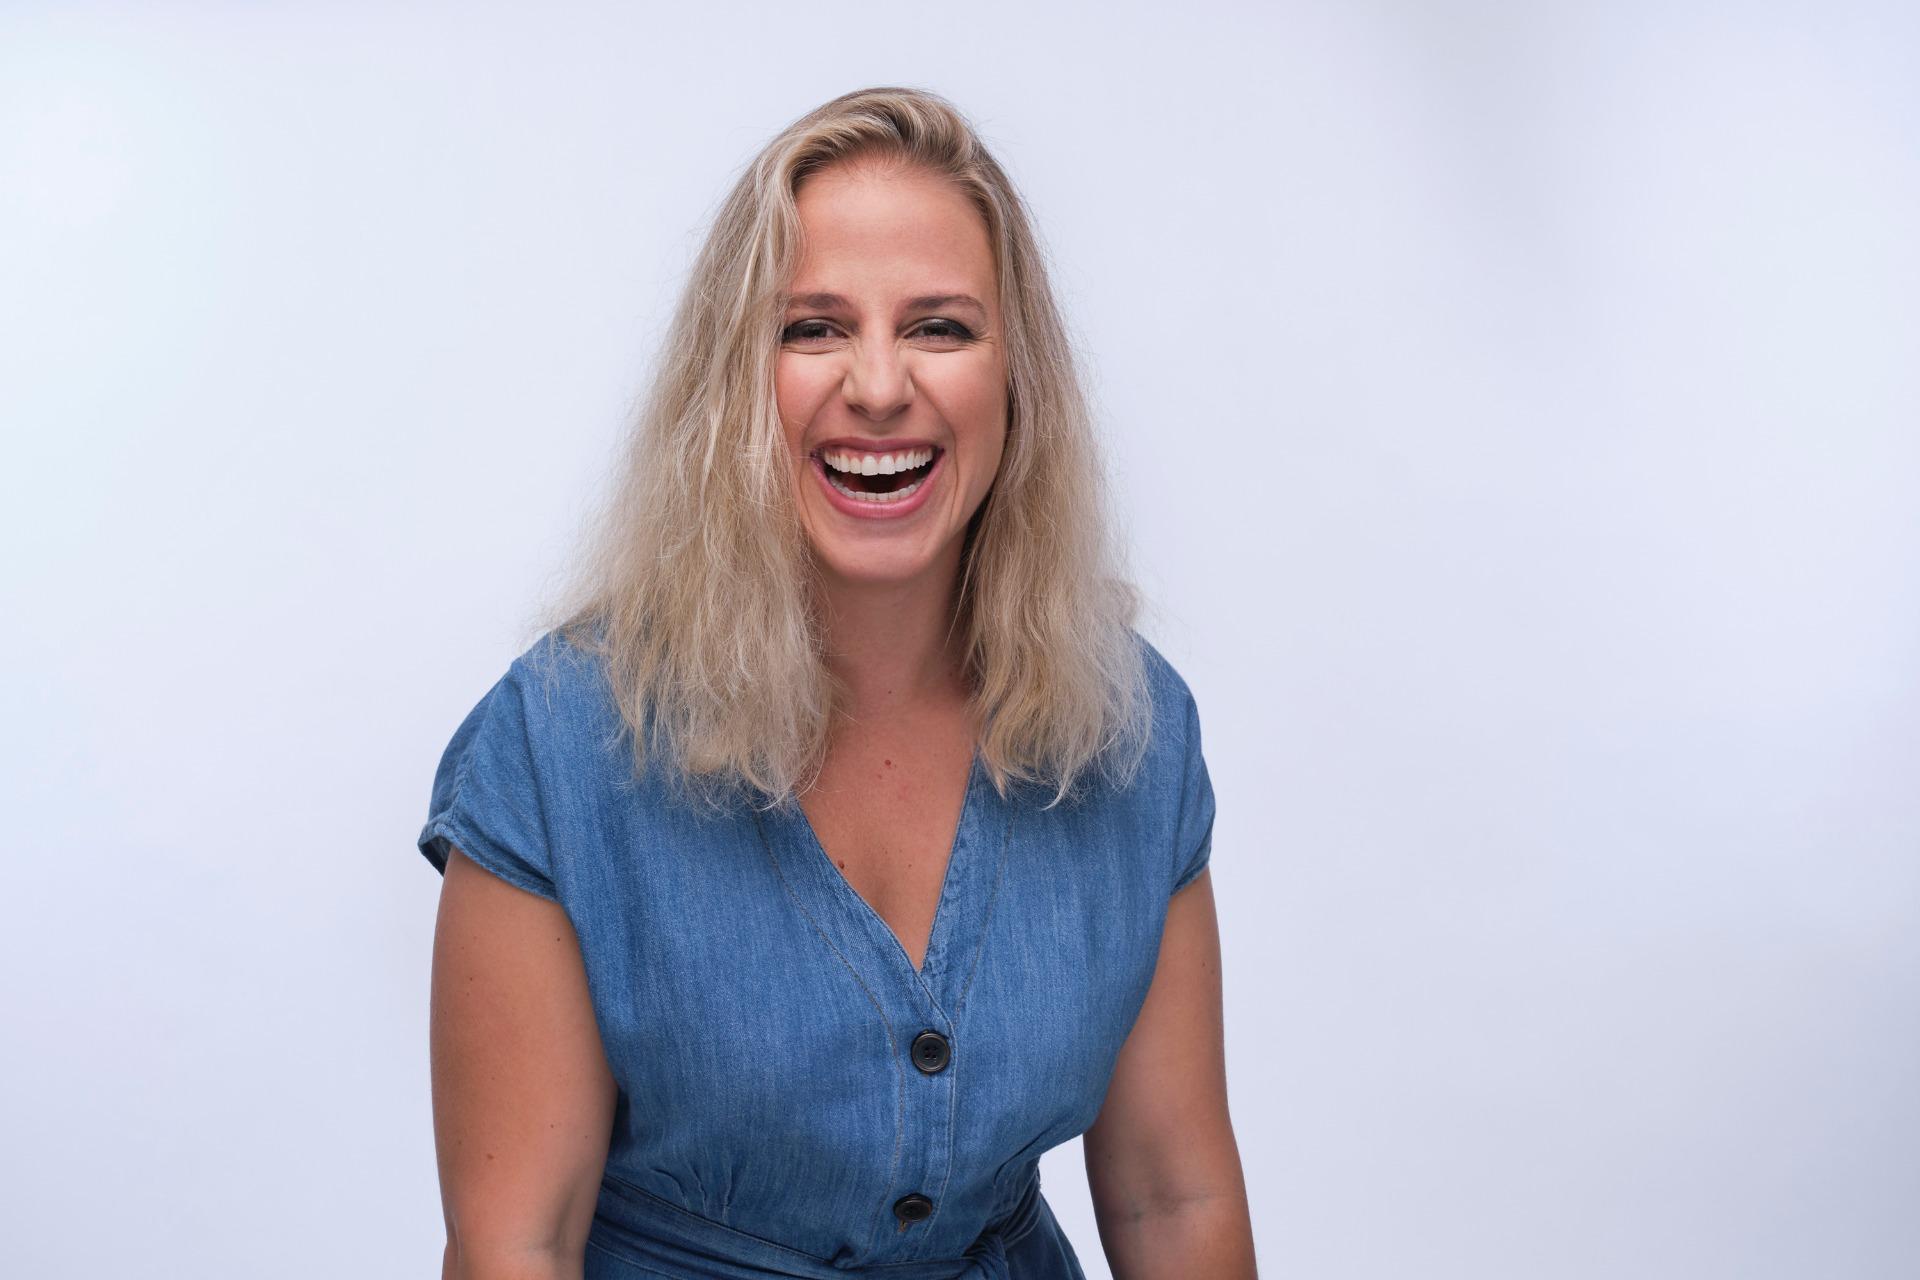 """Entrevista. Joana Gama: """"Gosto de improvisar, mas sinto que aos olhos dos outros isso me torna menos comediante"""""""